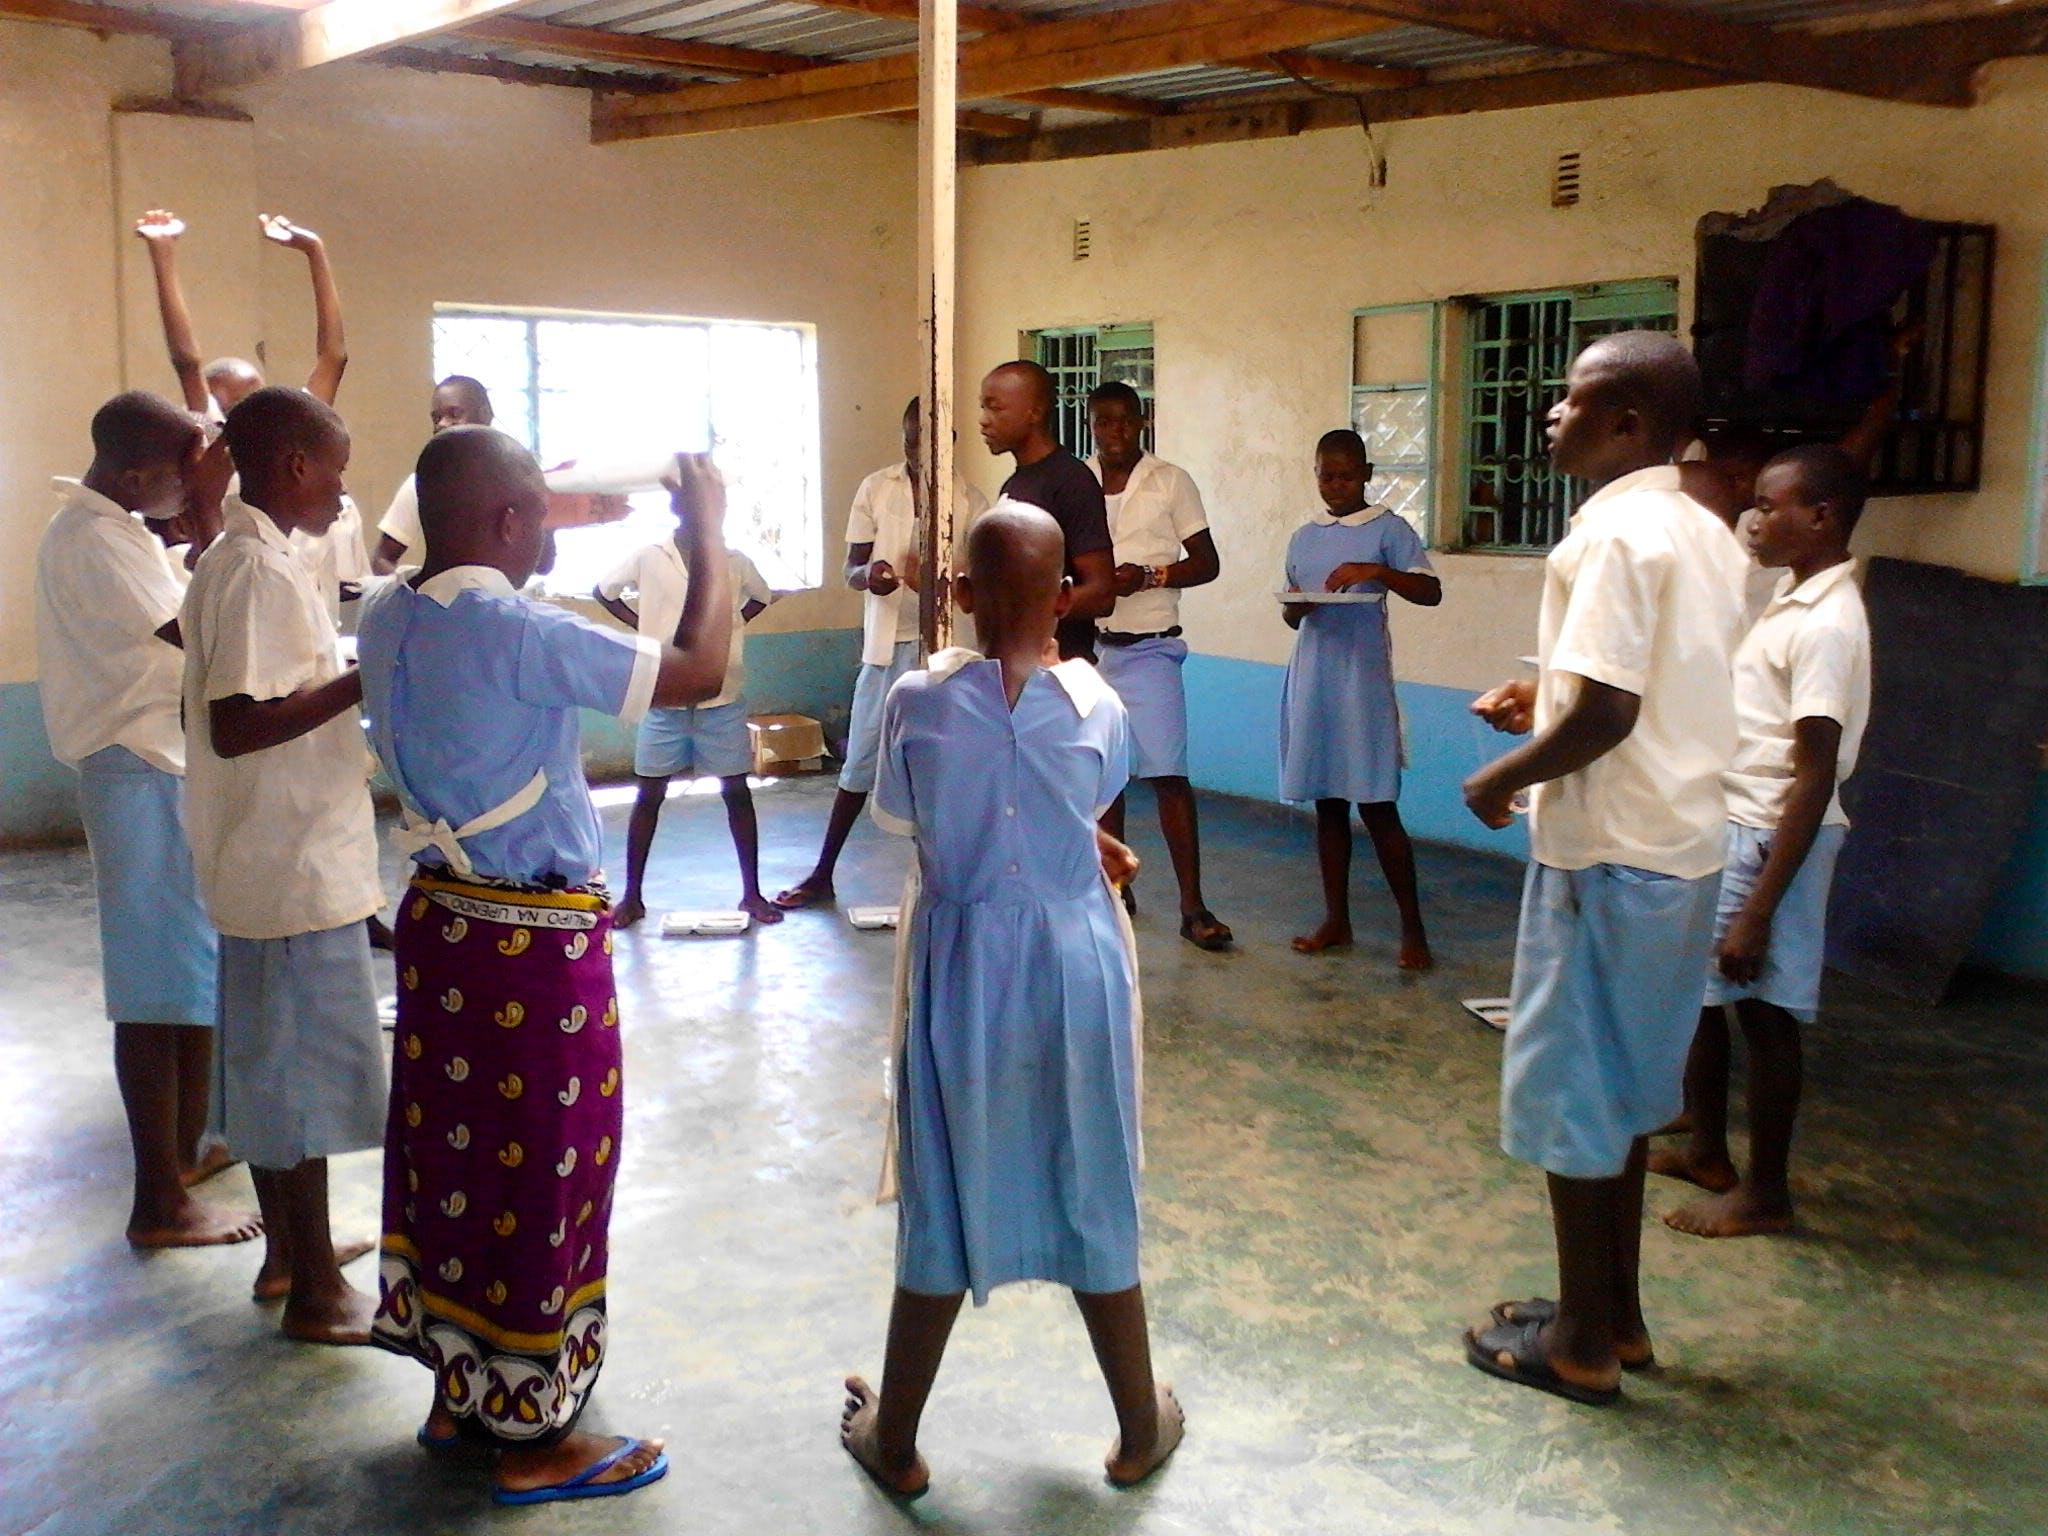 Kesho Leo - School break activities